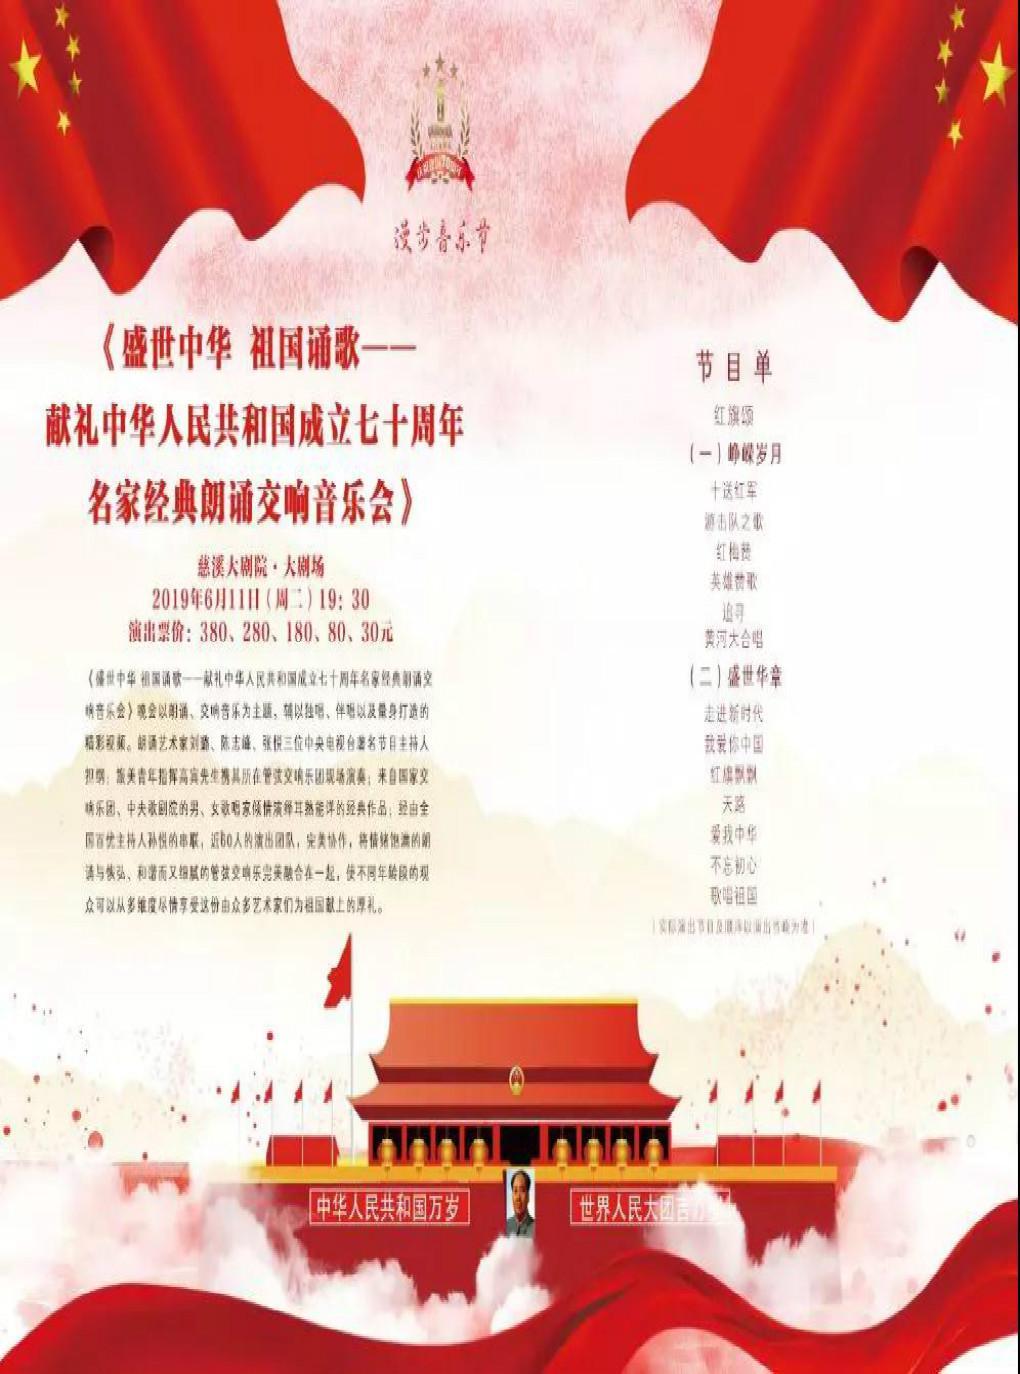 《中华人民共和国成立七十周年音乐会》